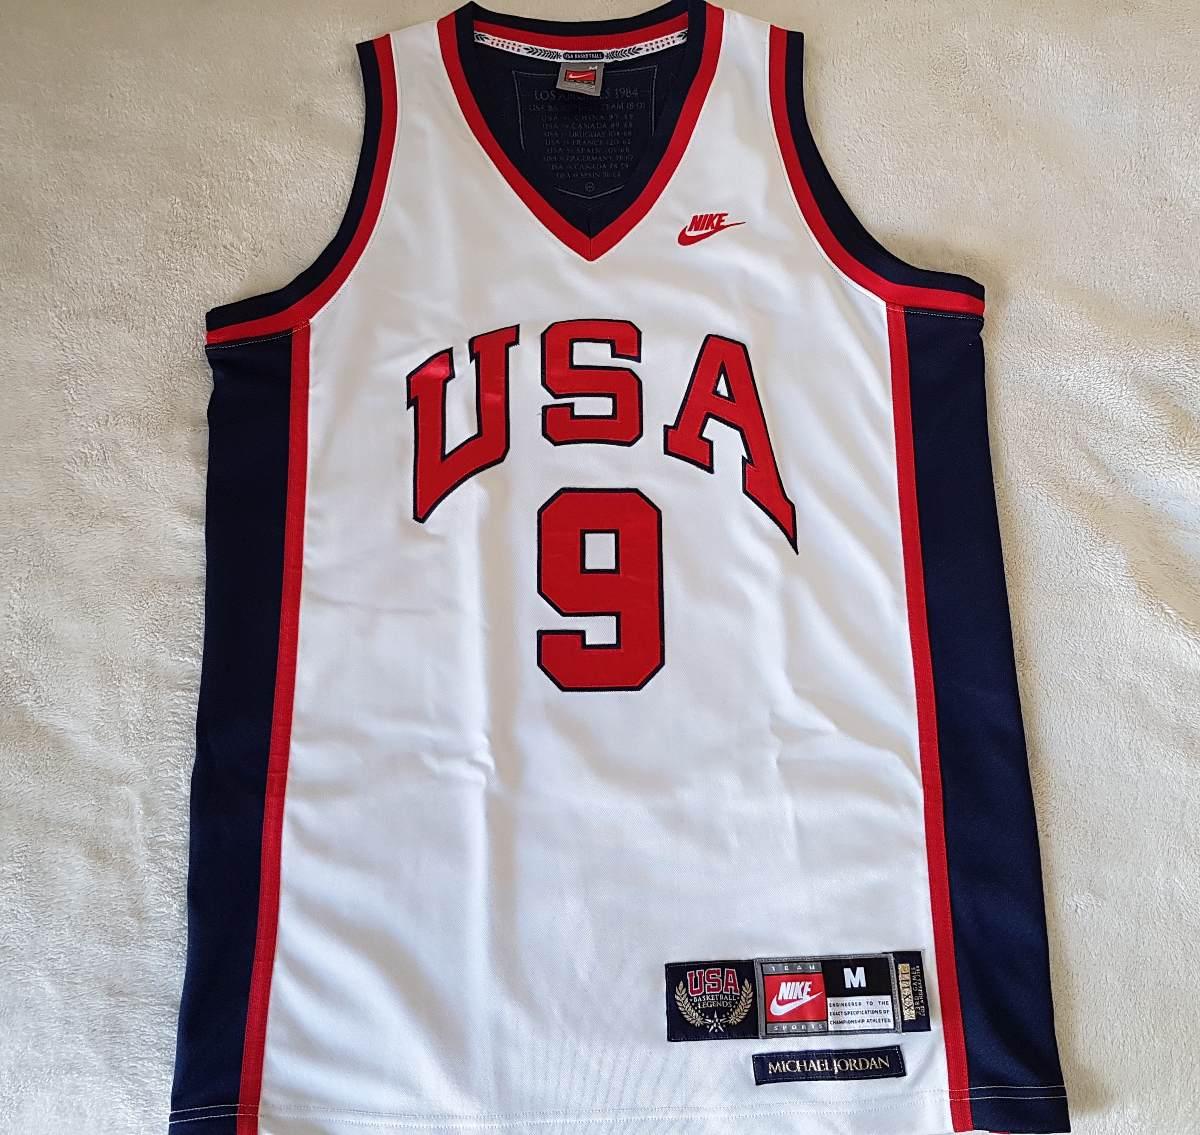 e7b1d5e6d2c camisa basquete michael jordan - seleção usa - 1984 - nike. Carregando zoom.